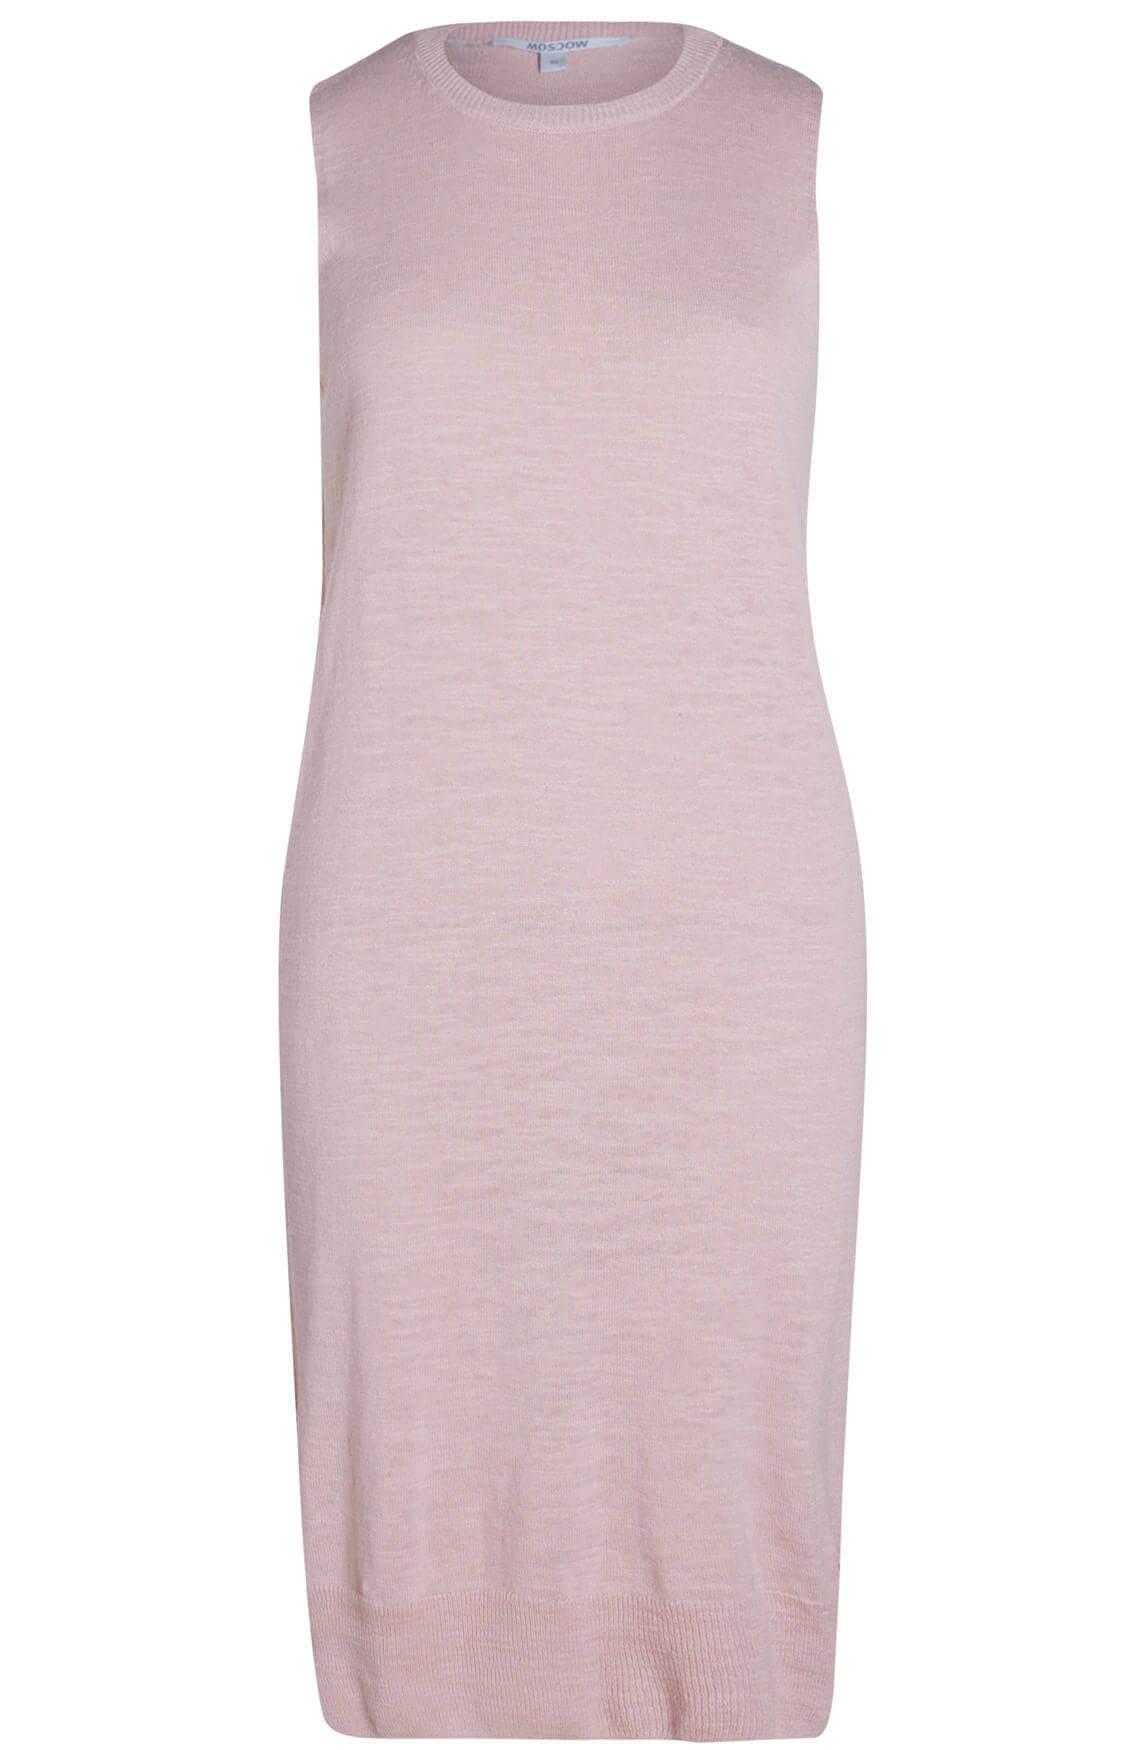 Moscow Dames Mouwloze jurk roze